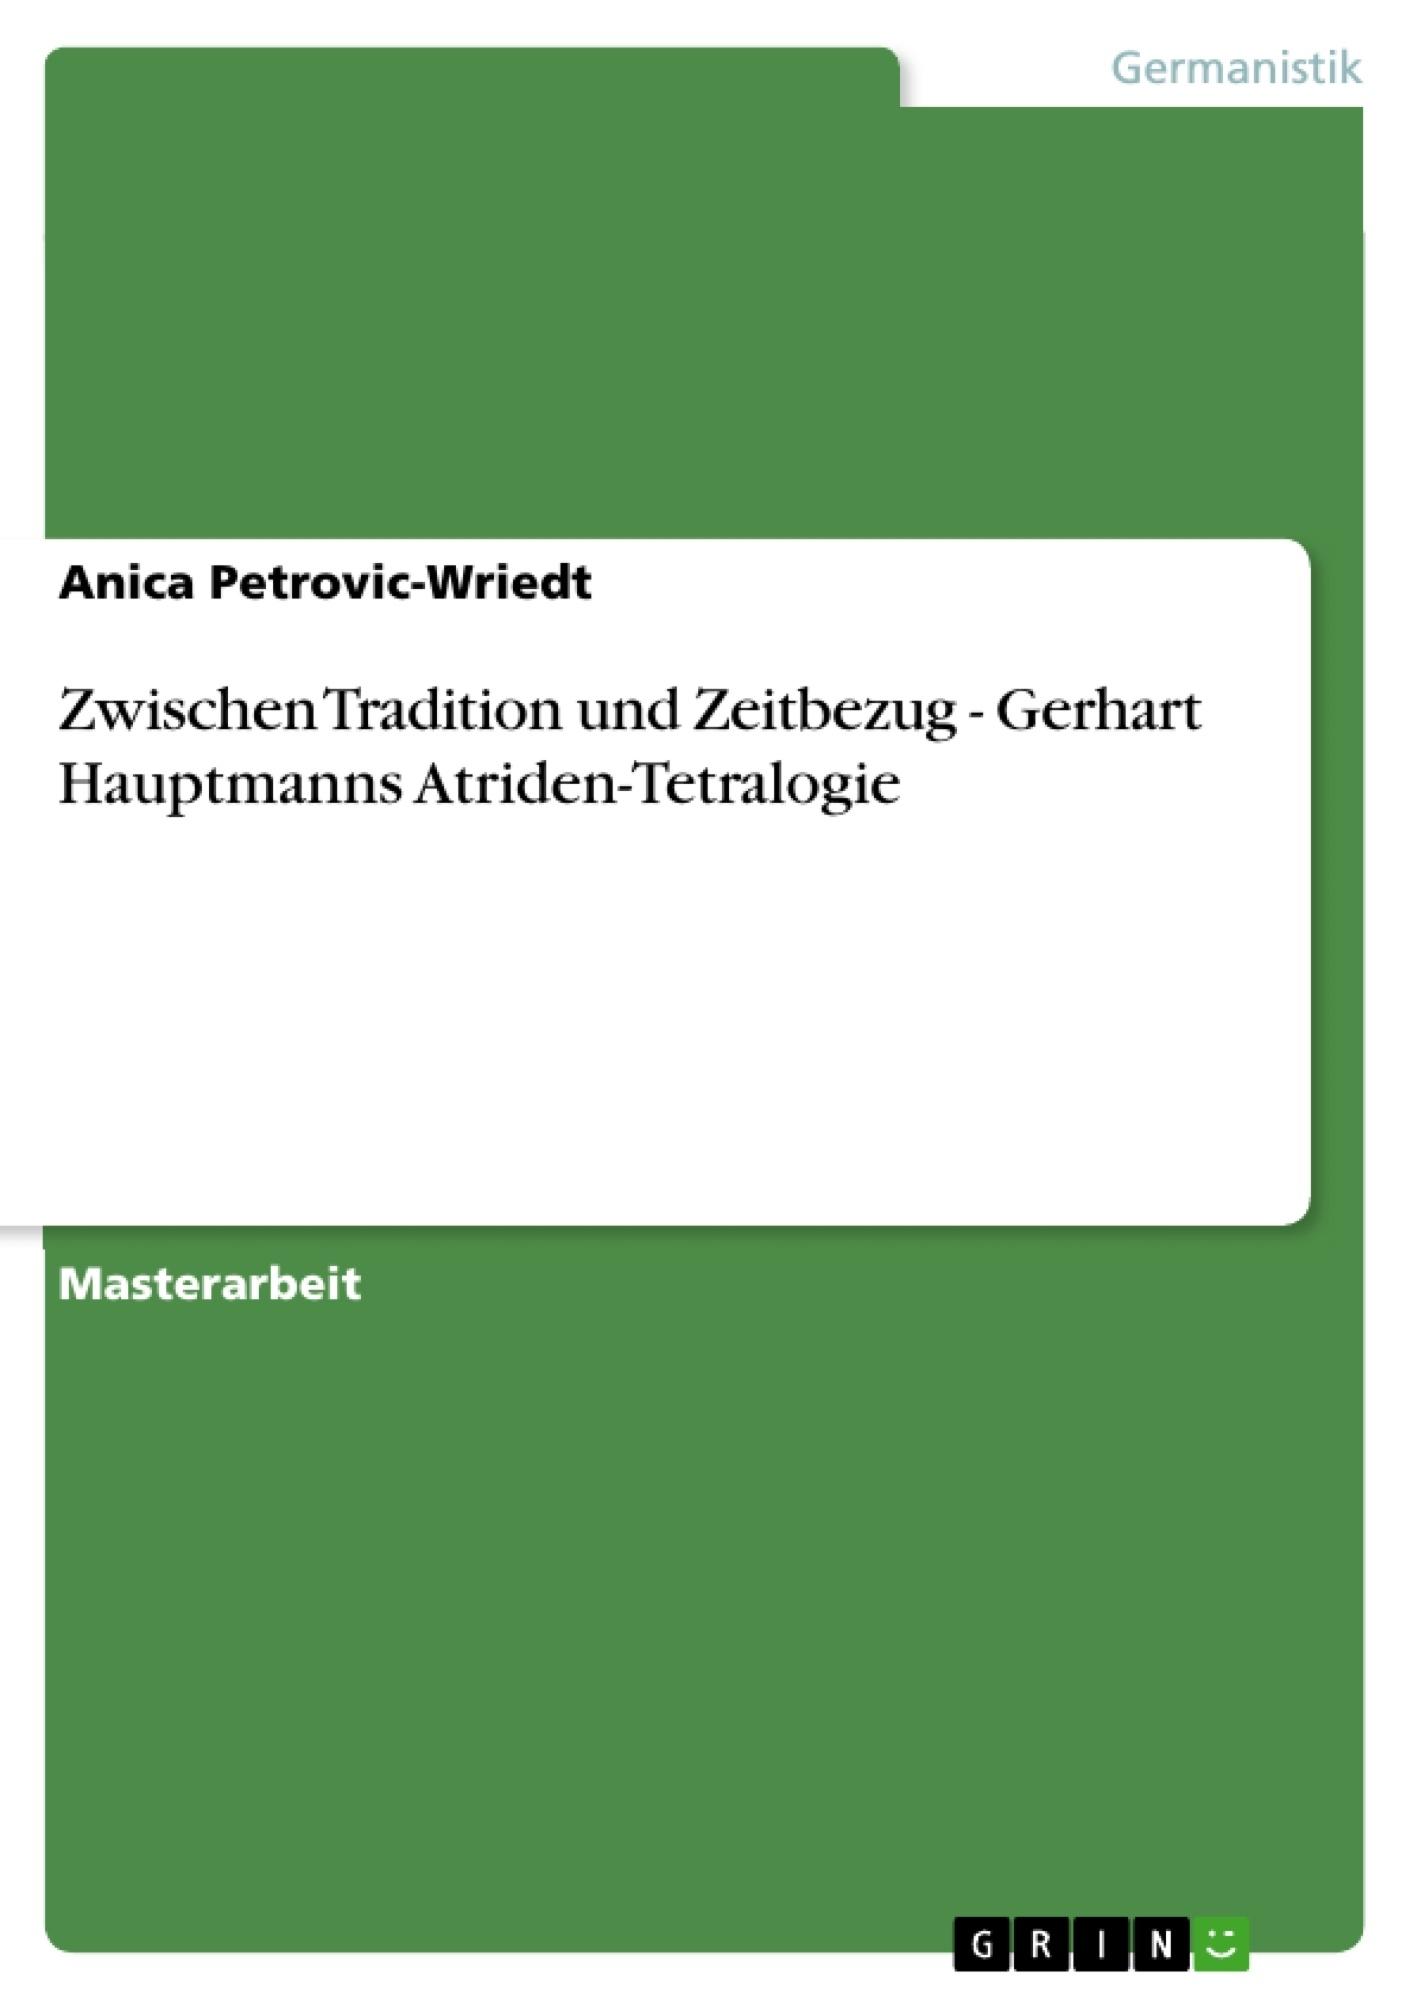 Titel: Zwischen Tradition und Zeitbezug - Gerhart Hauptmanns Atriden-Tetralogie